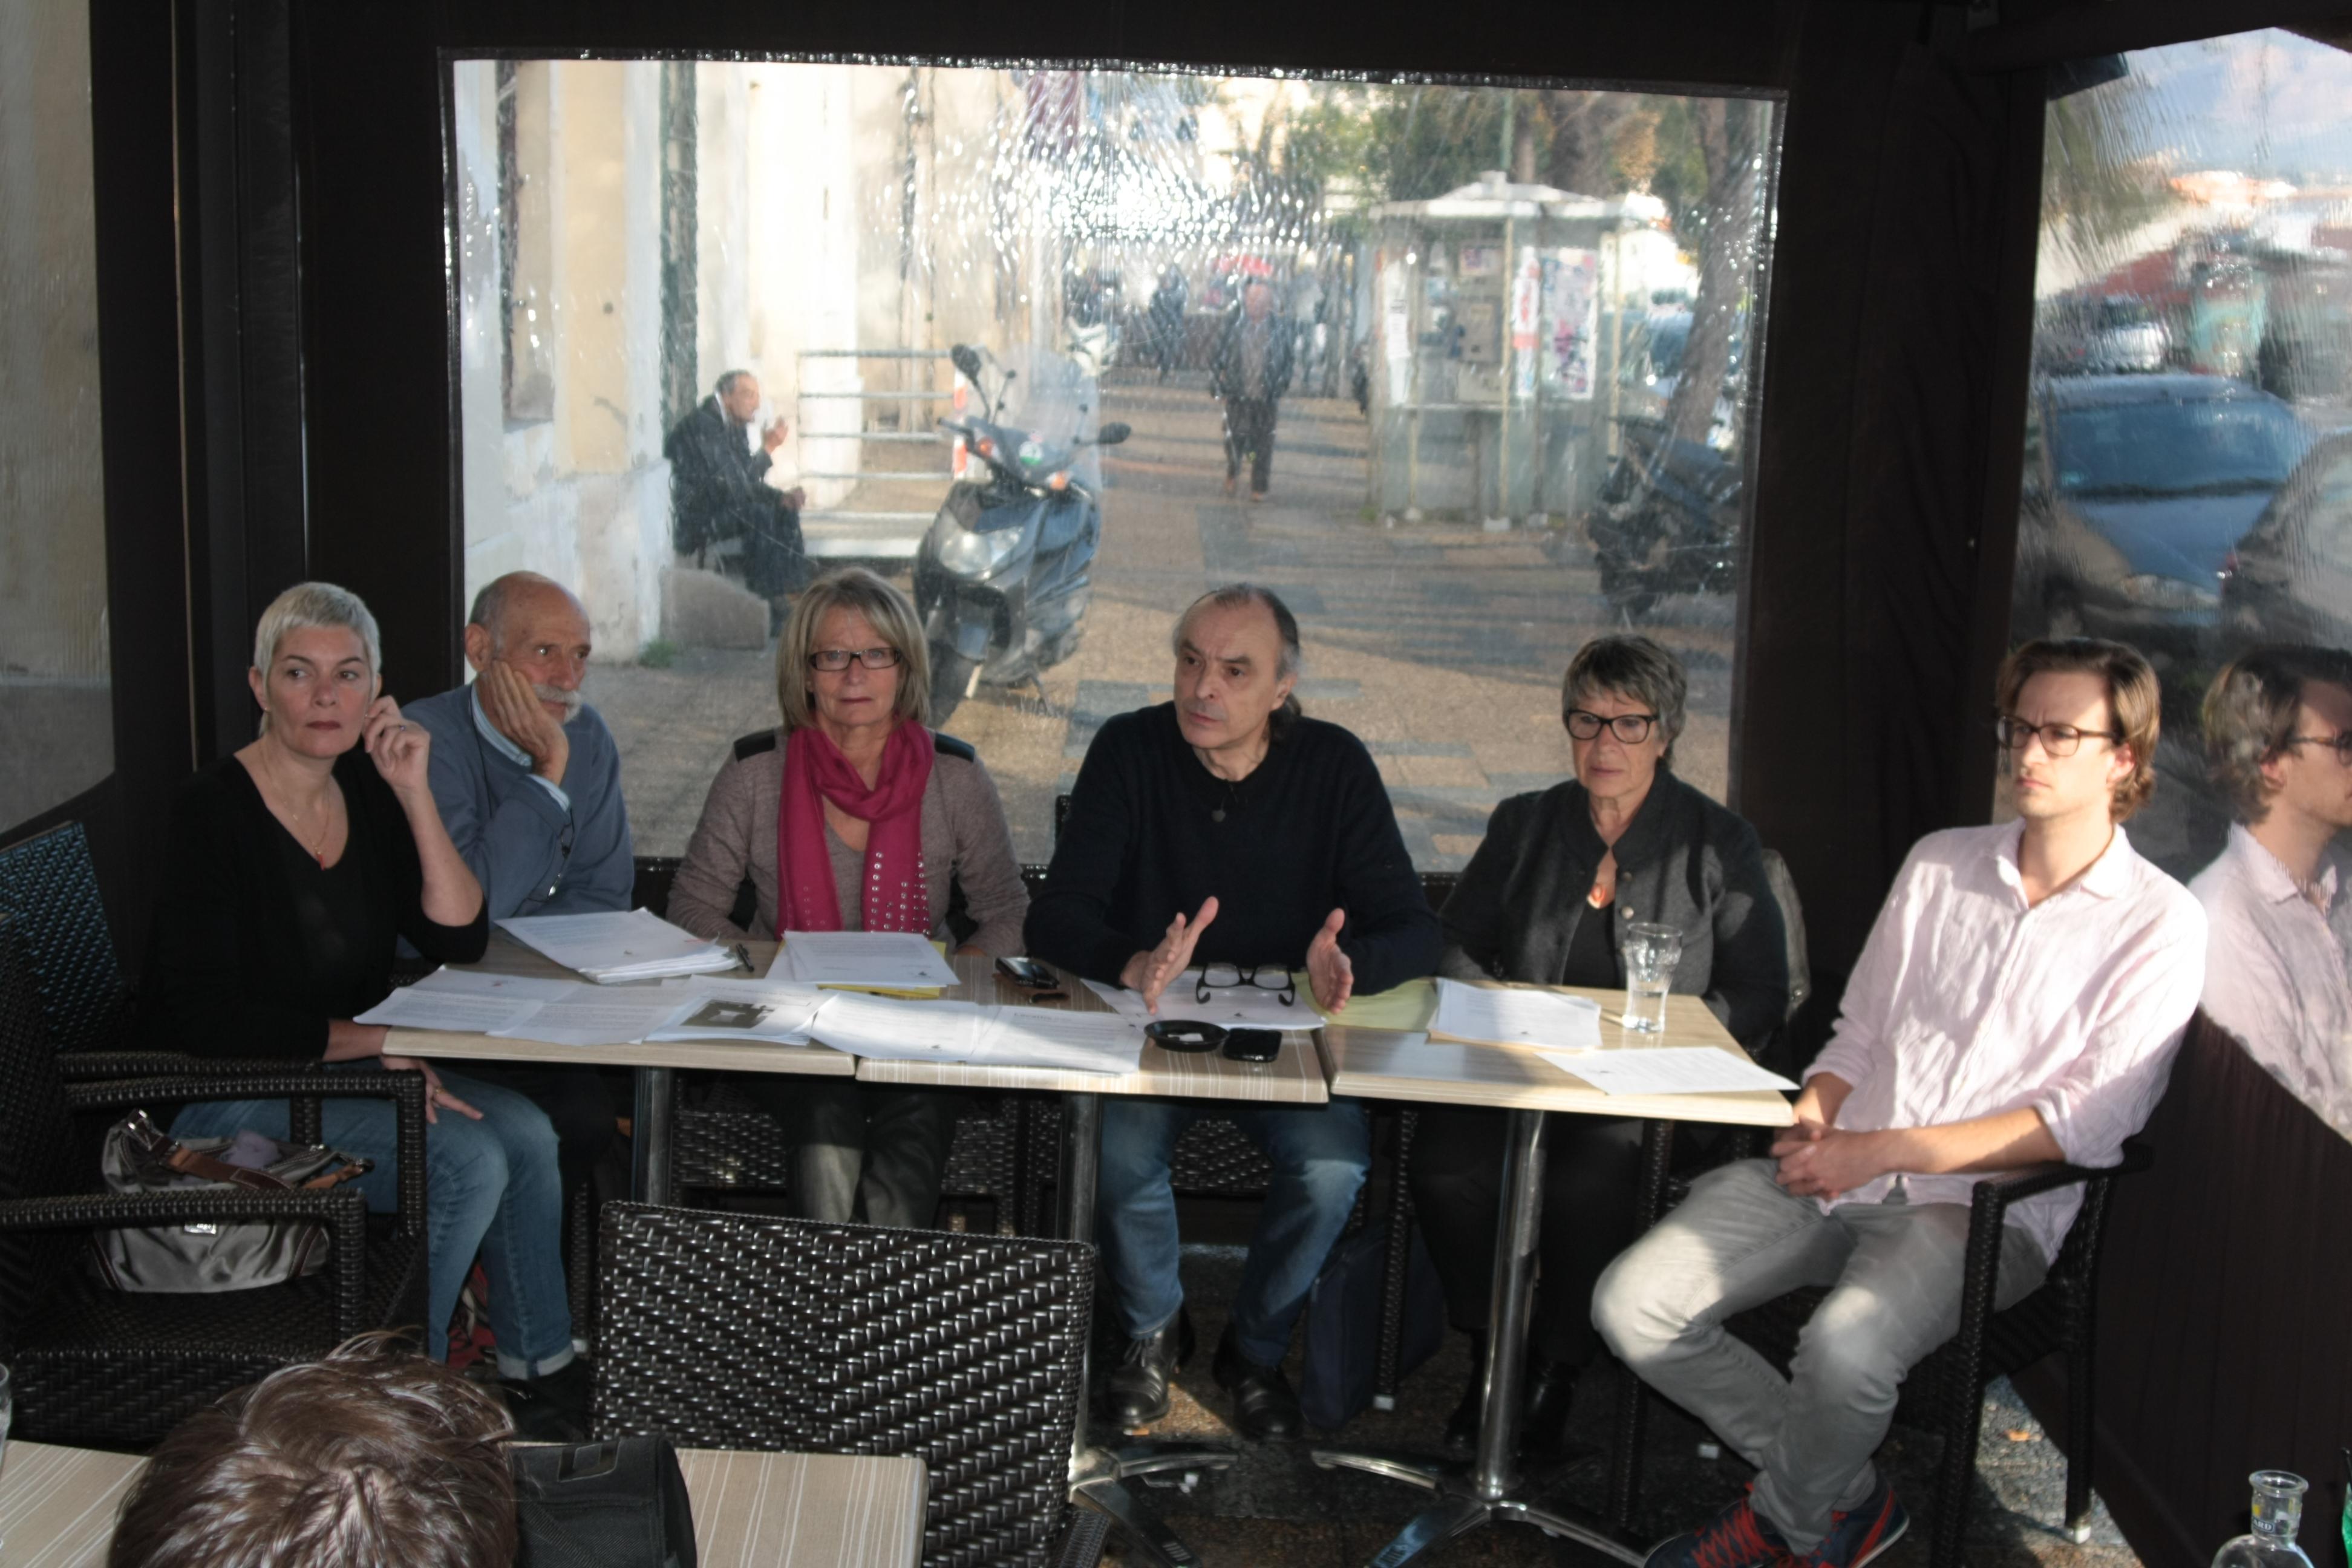 Ajaccio : La LDH Corsica revendique des élections honnêtes